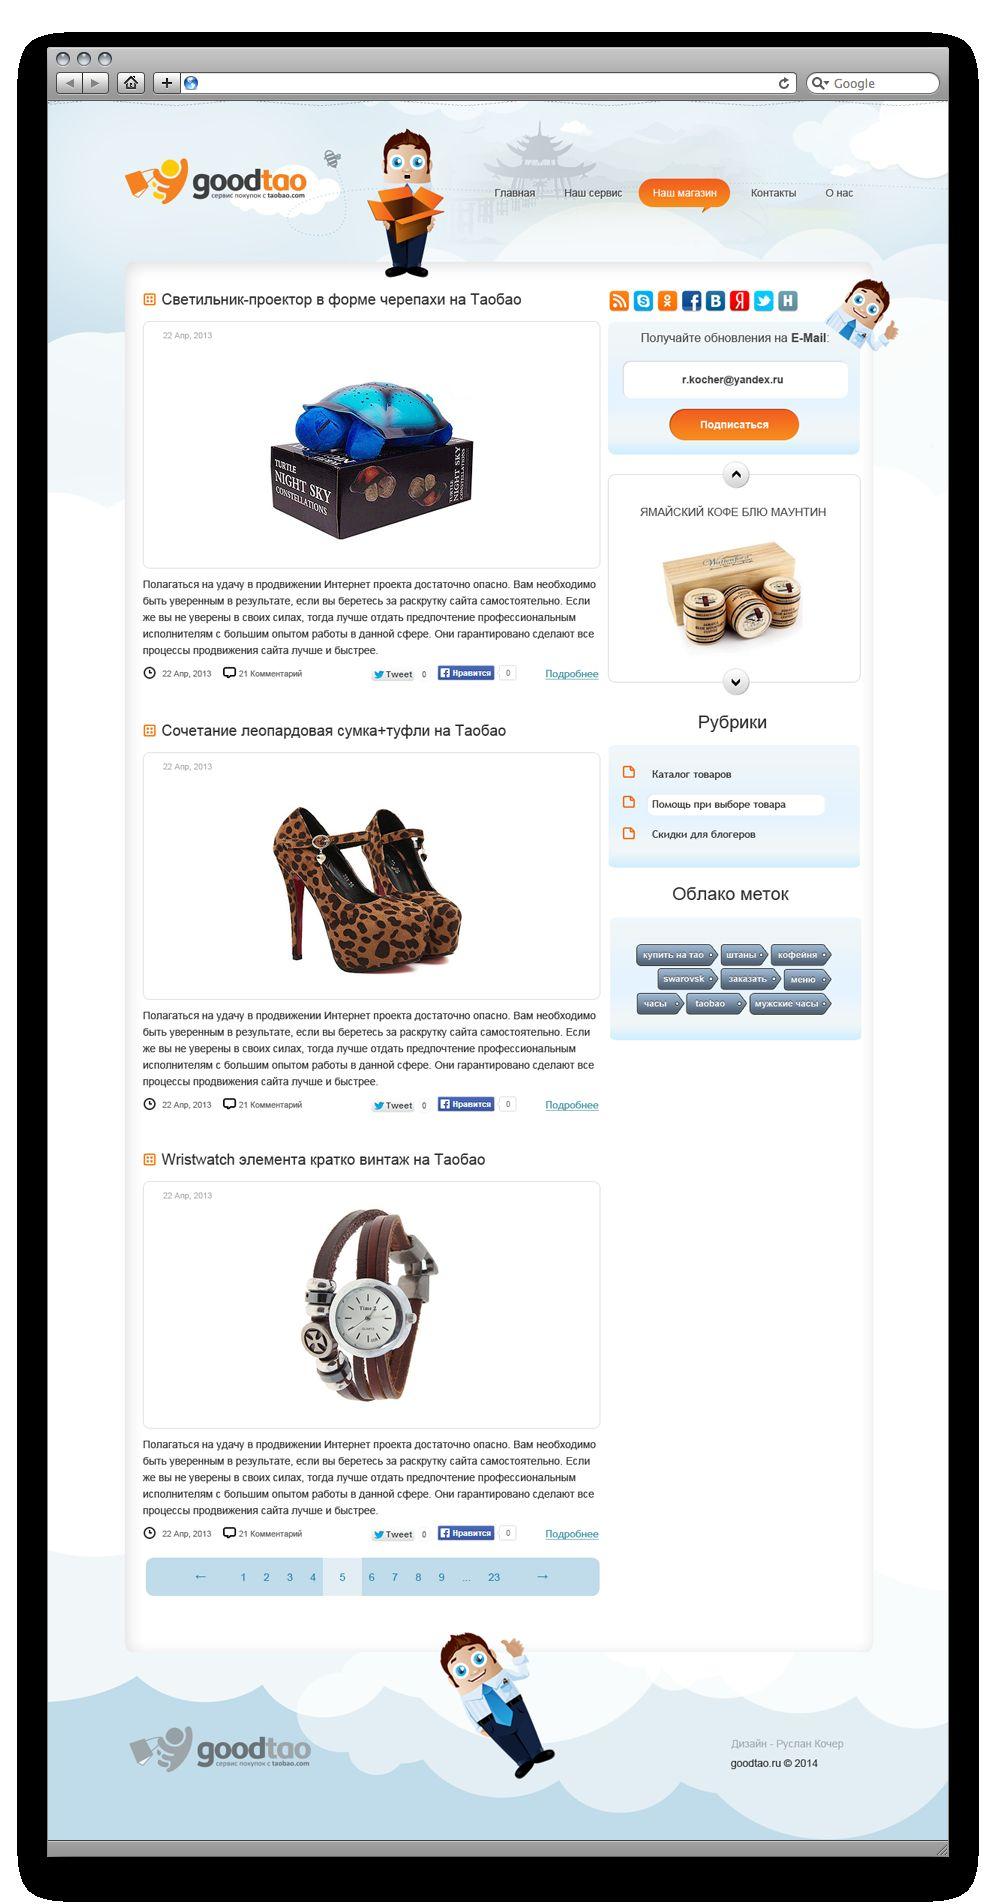 Дизайн для блога - дизайнер kocherlive